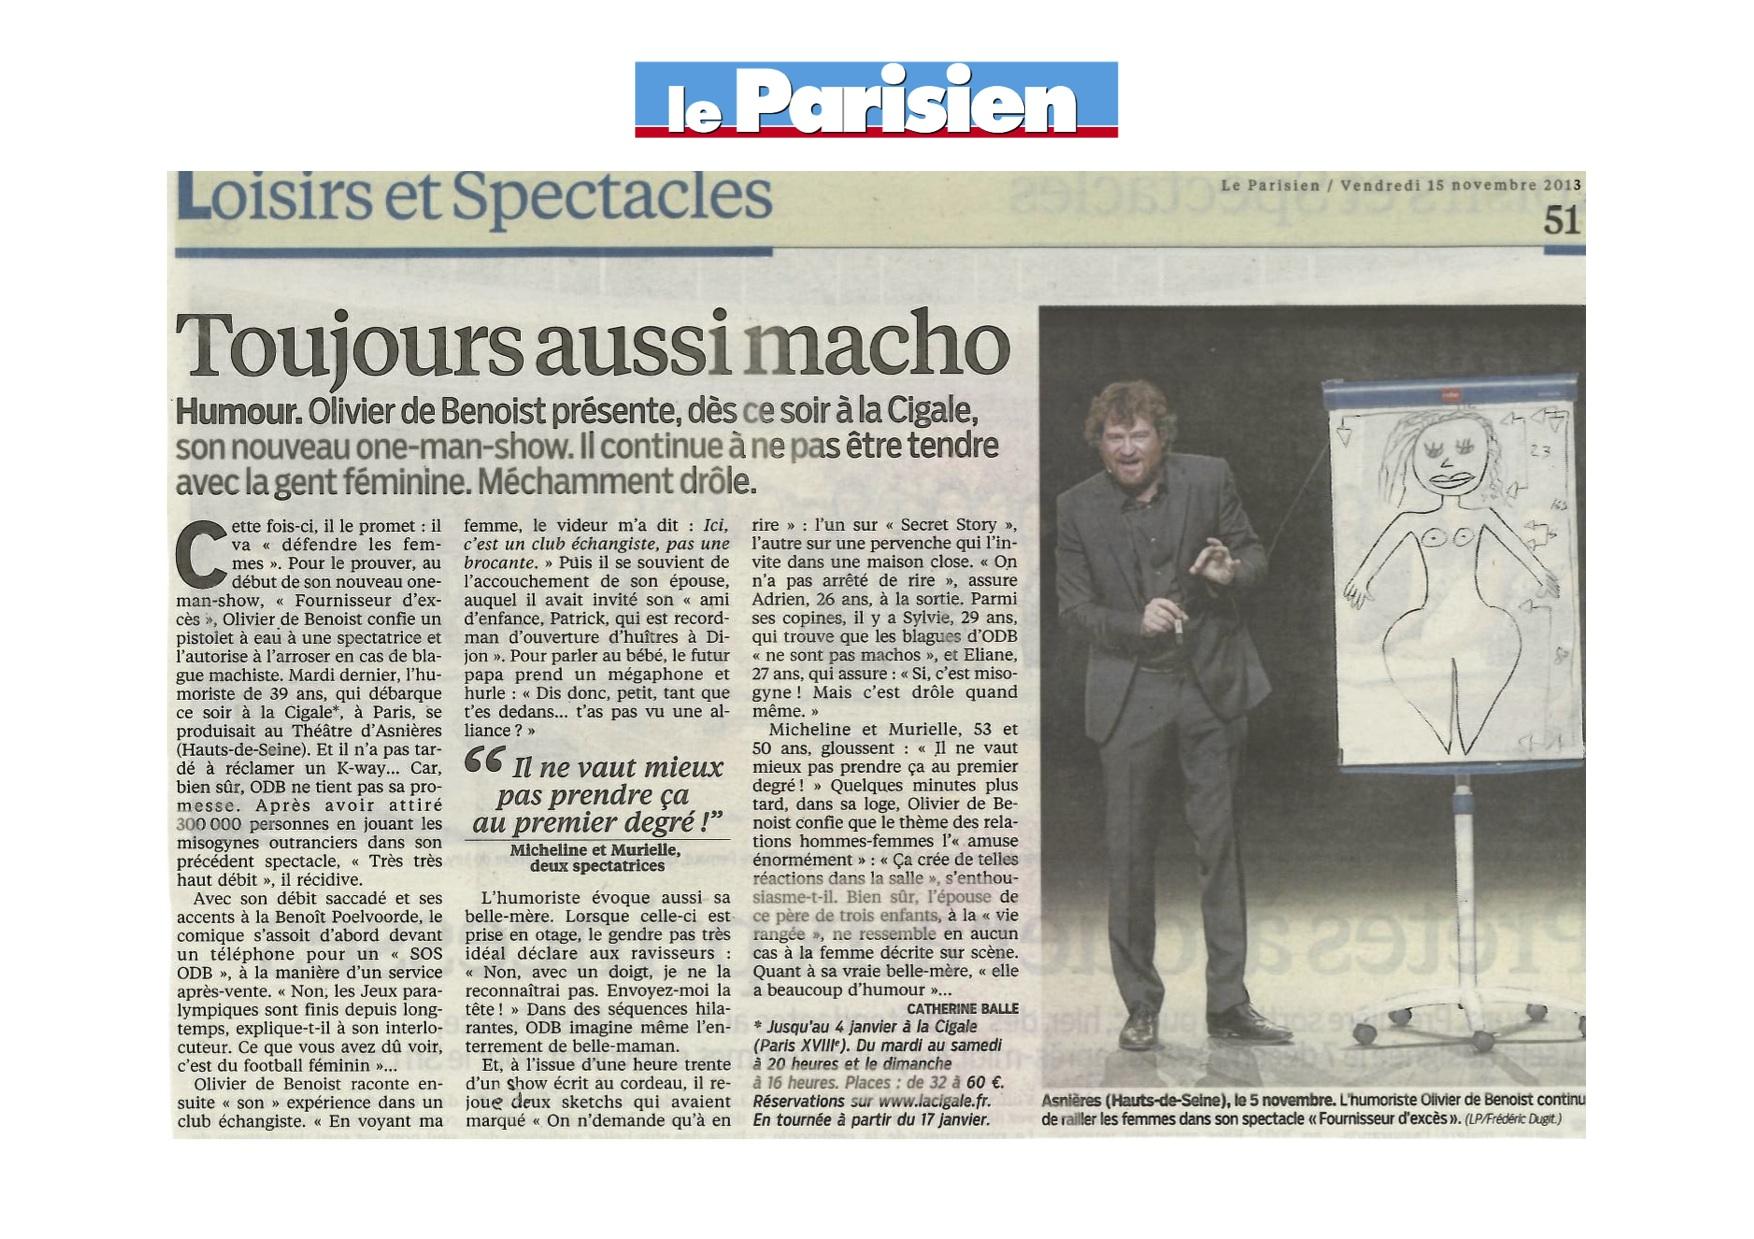 Le Parisien 15 Novembre 2013